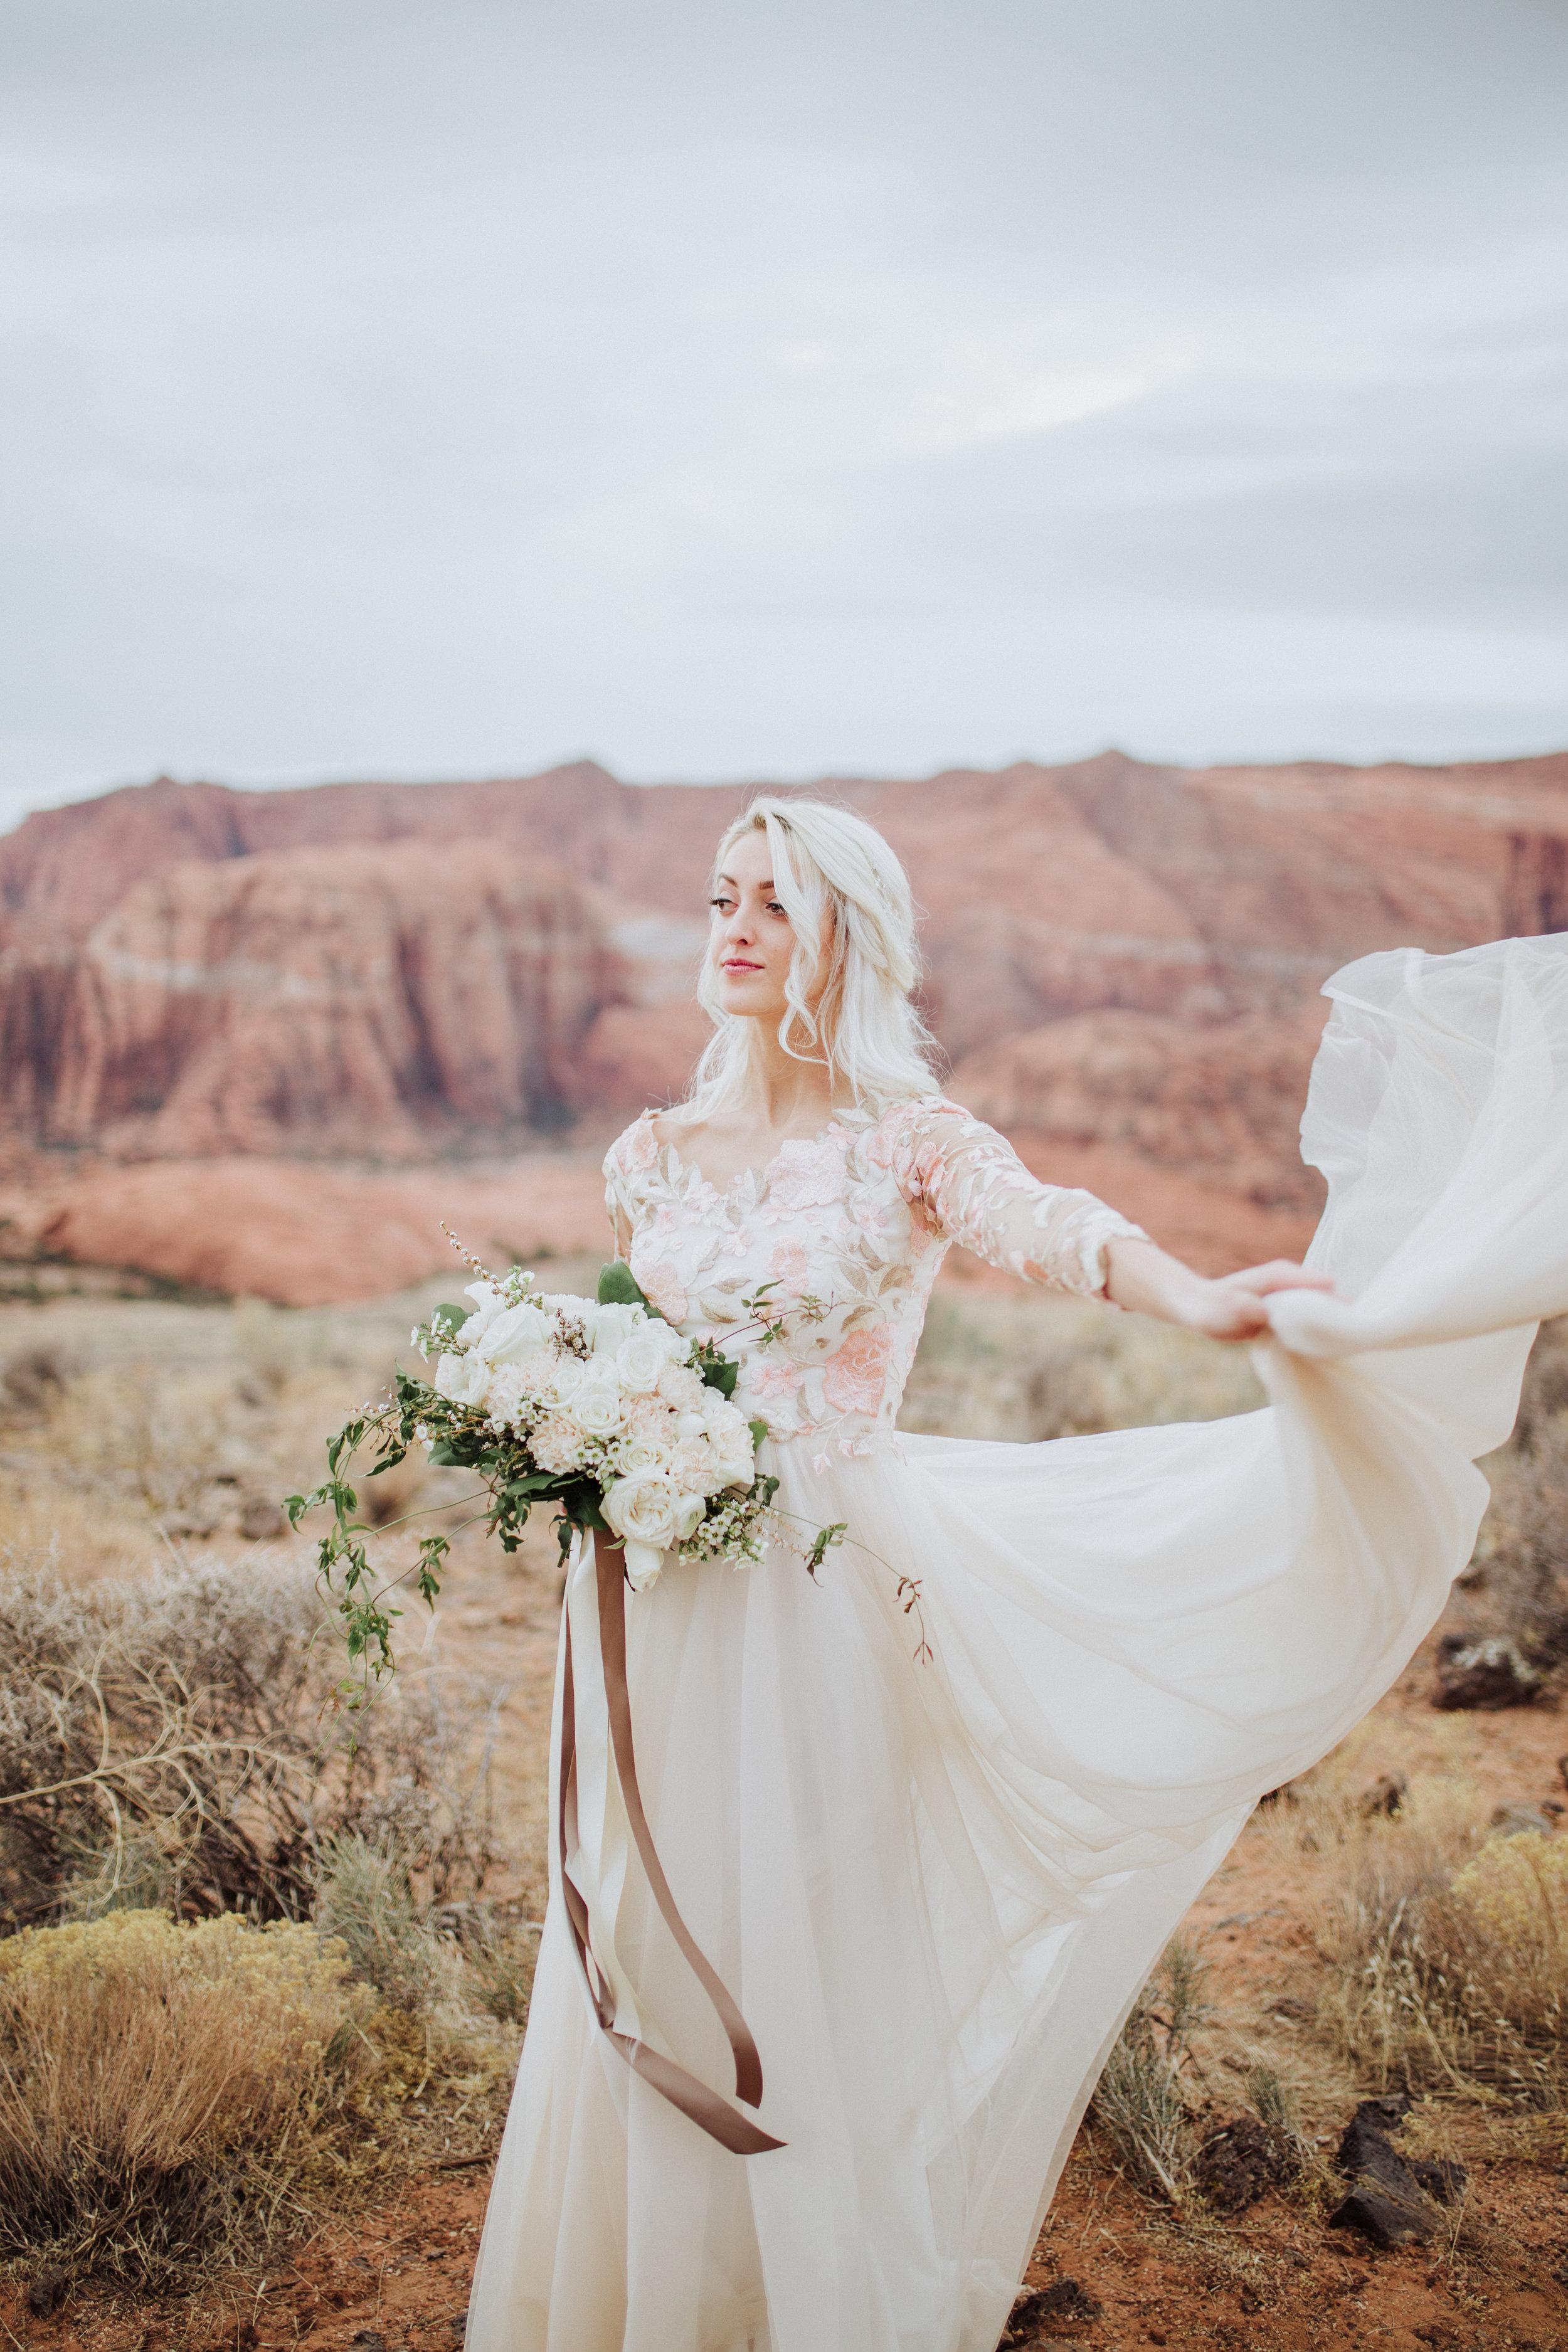 sc ss bridals-107.jpg